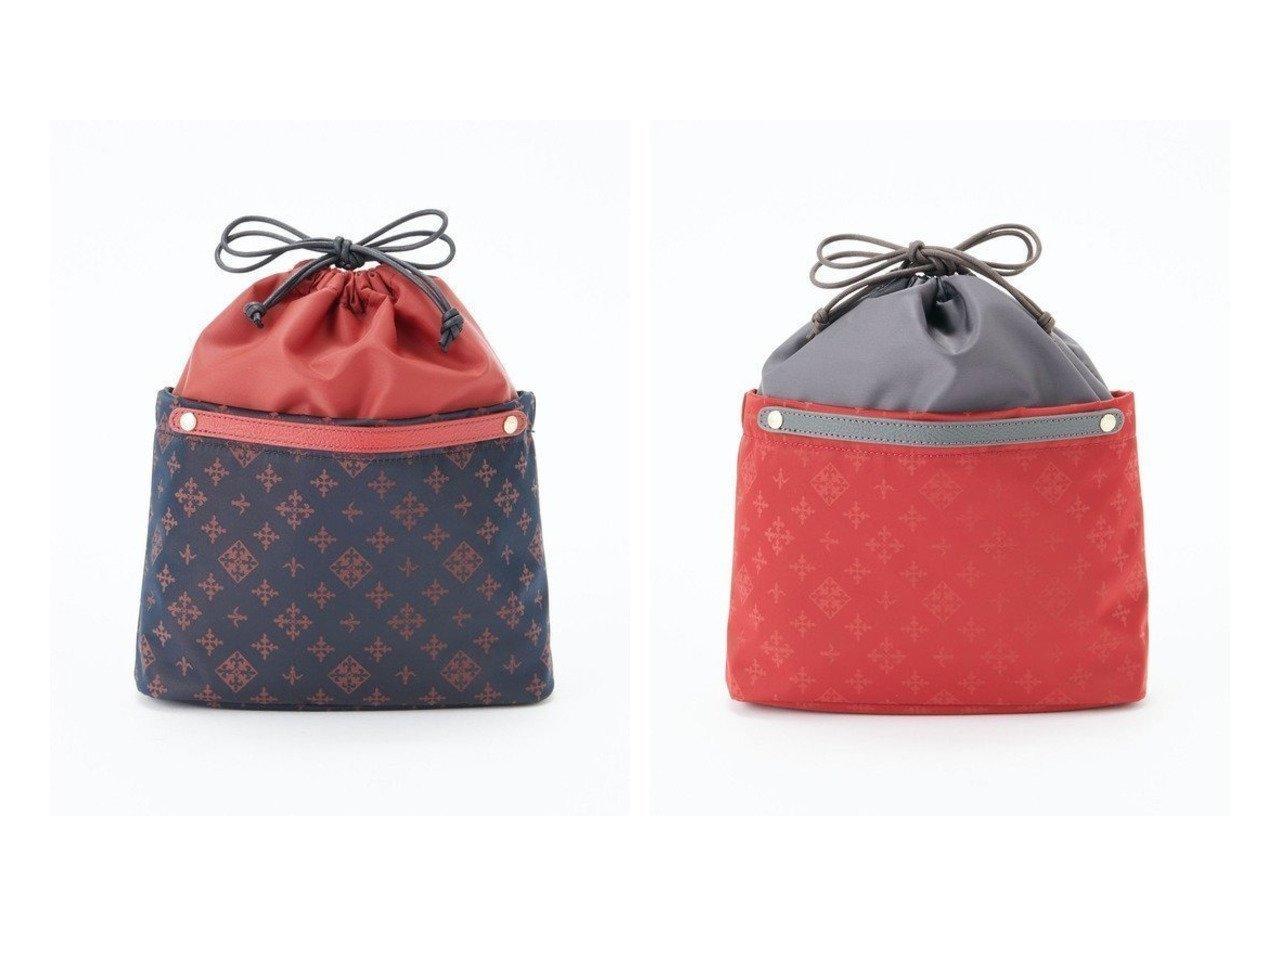 【russet/ラシット】の巾着型バッグインバッグ(Z-290) russetのおすすめ!人気、トレンド・レディースファッションの通販 おすすめで人気の流行・トレンド、ファッションの通販商品 メンズファッション・キッズファッション・インテリア・家具・レディースファッション・服の通販 founy(ファニー) https://founy.com/ ファッション Fashion レディースファッション WOMEN 財布 Wallets 送料無料 Free Shipping オレンジ シンプル スマート ポケット 巾着 財布 |ID:crp329100000018073